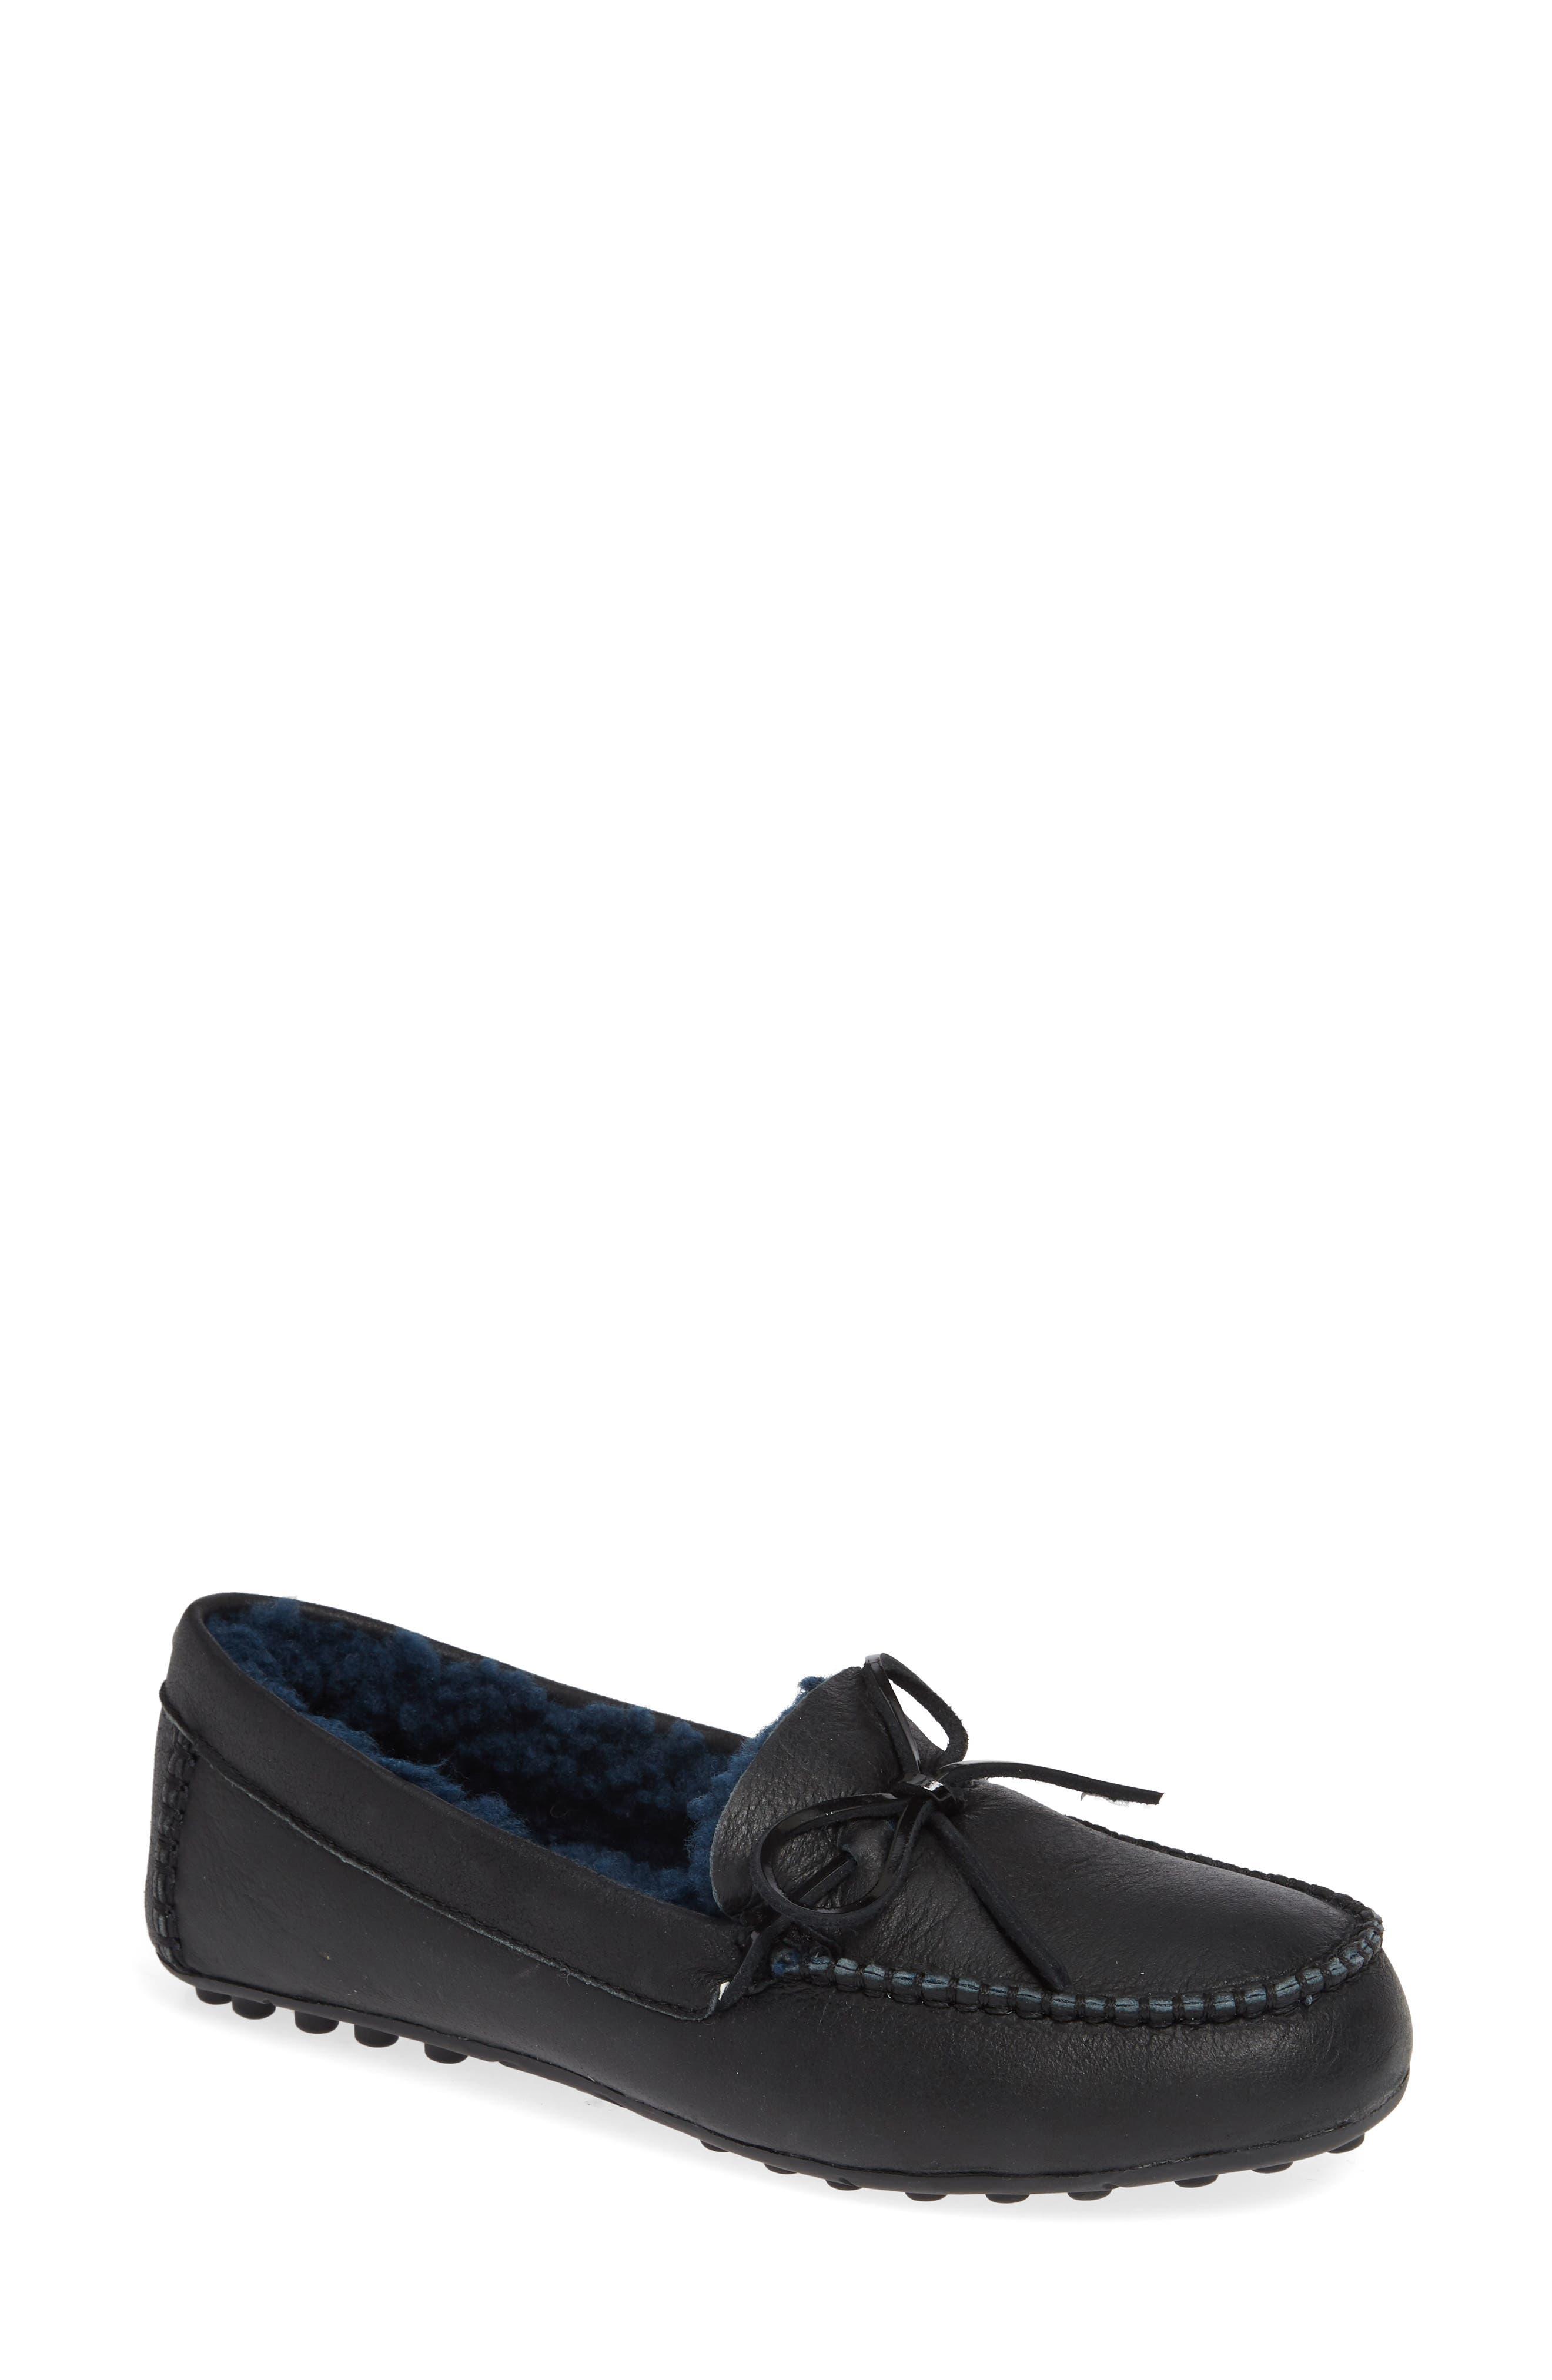 Ugg Deluxe Loafer, Black